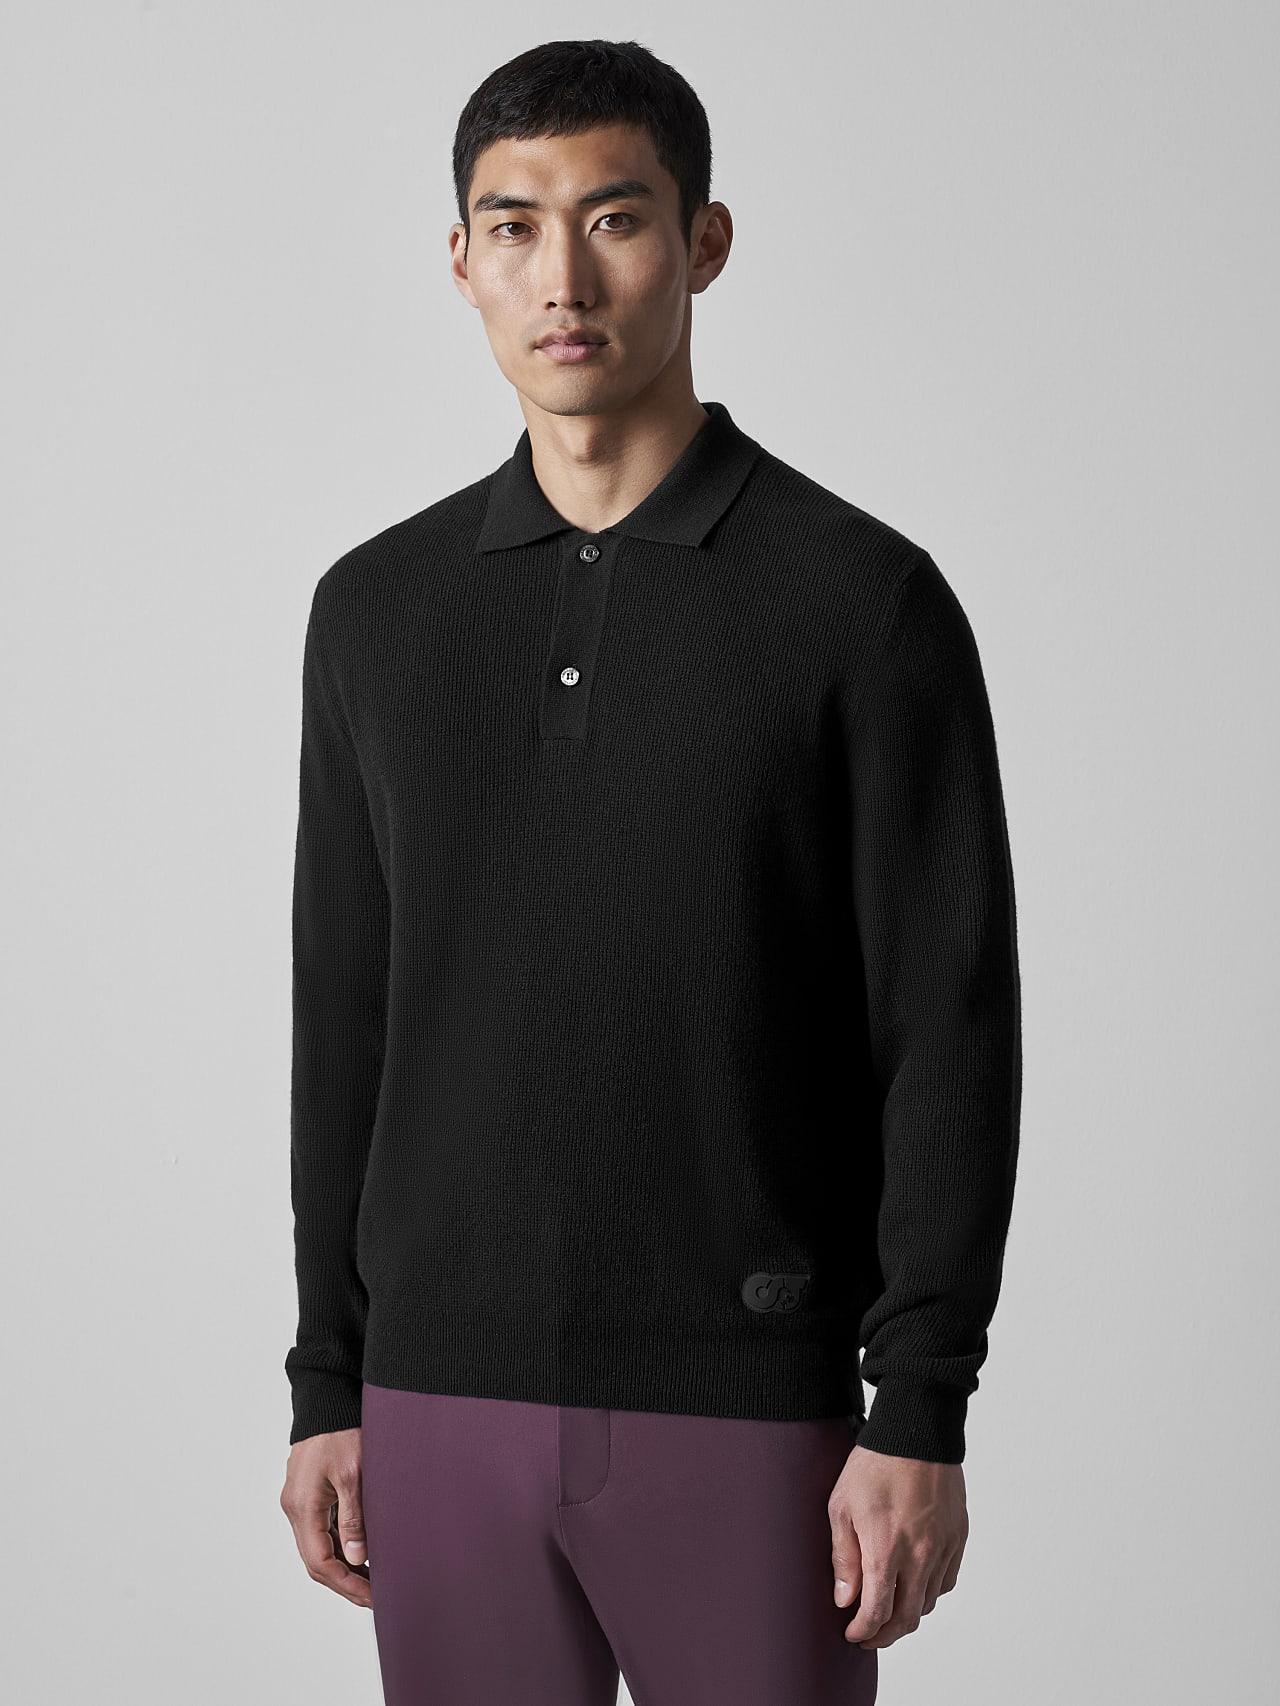 FORCE V1.Y5.02 Cashmere-Blend Knit Polo Longsleeve black Model shot Alpha Tauri